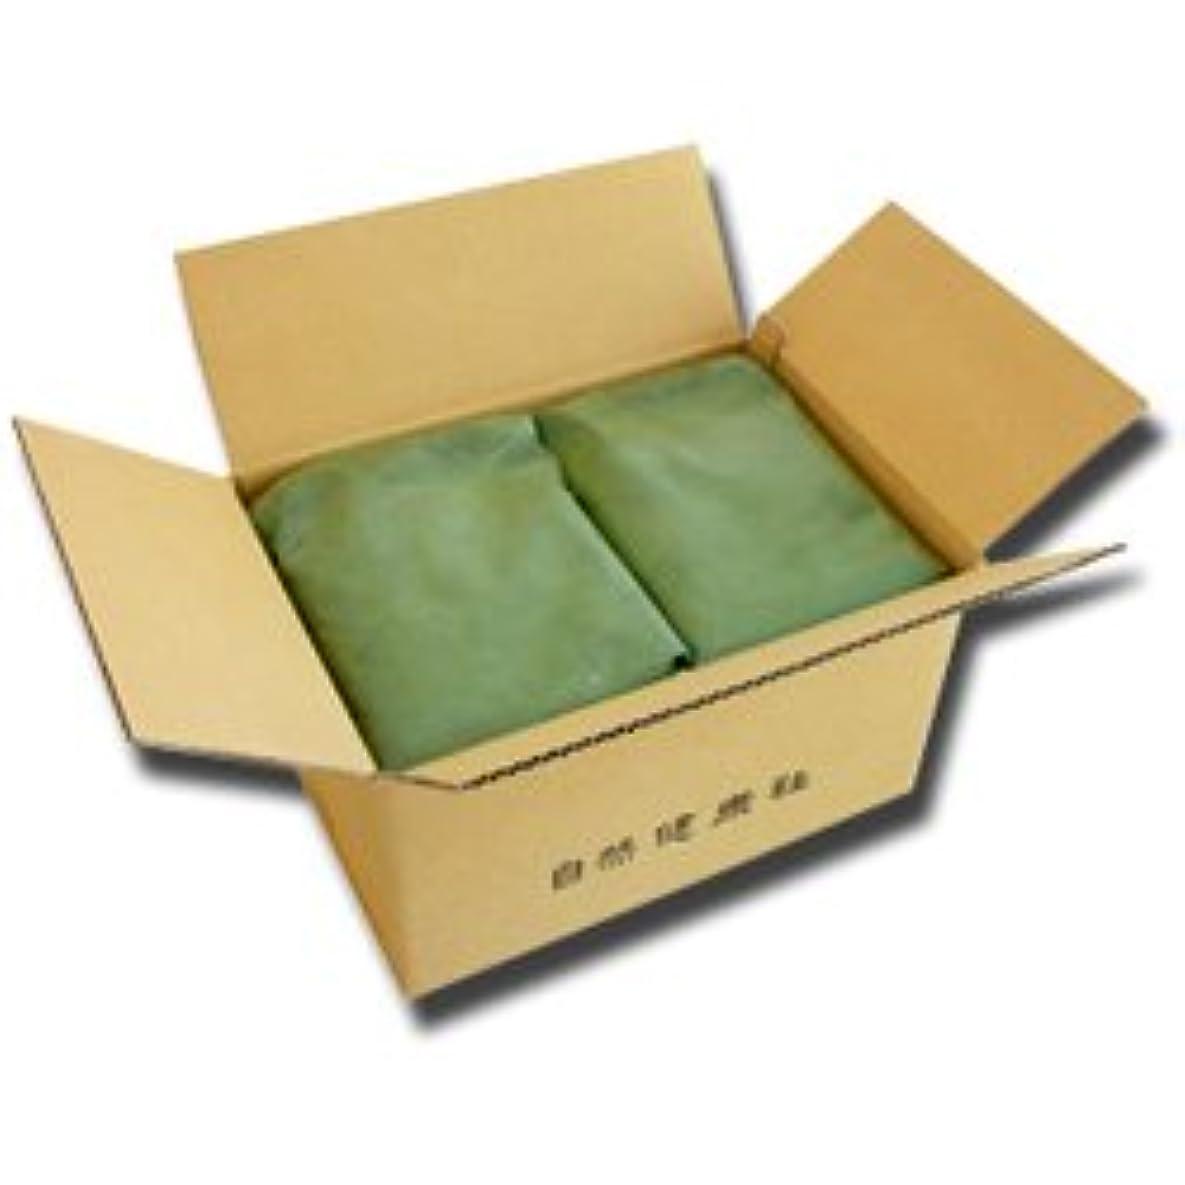 鷹何十人も負担業務用 国産?カテキン抹茶(カテキン10%以上含有) 5kg×2 卸用 粉末